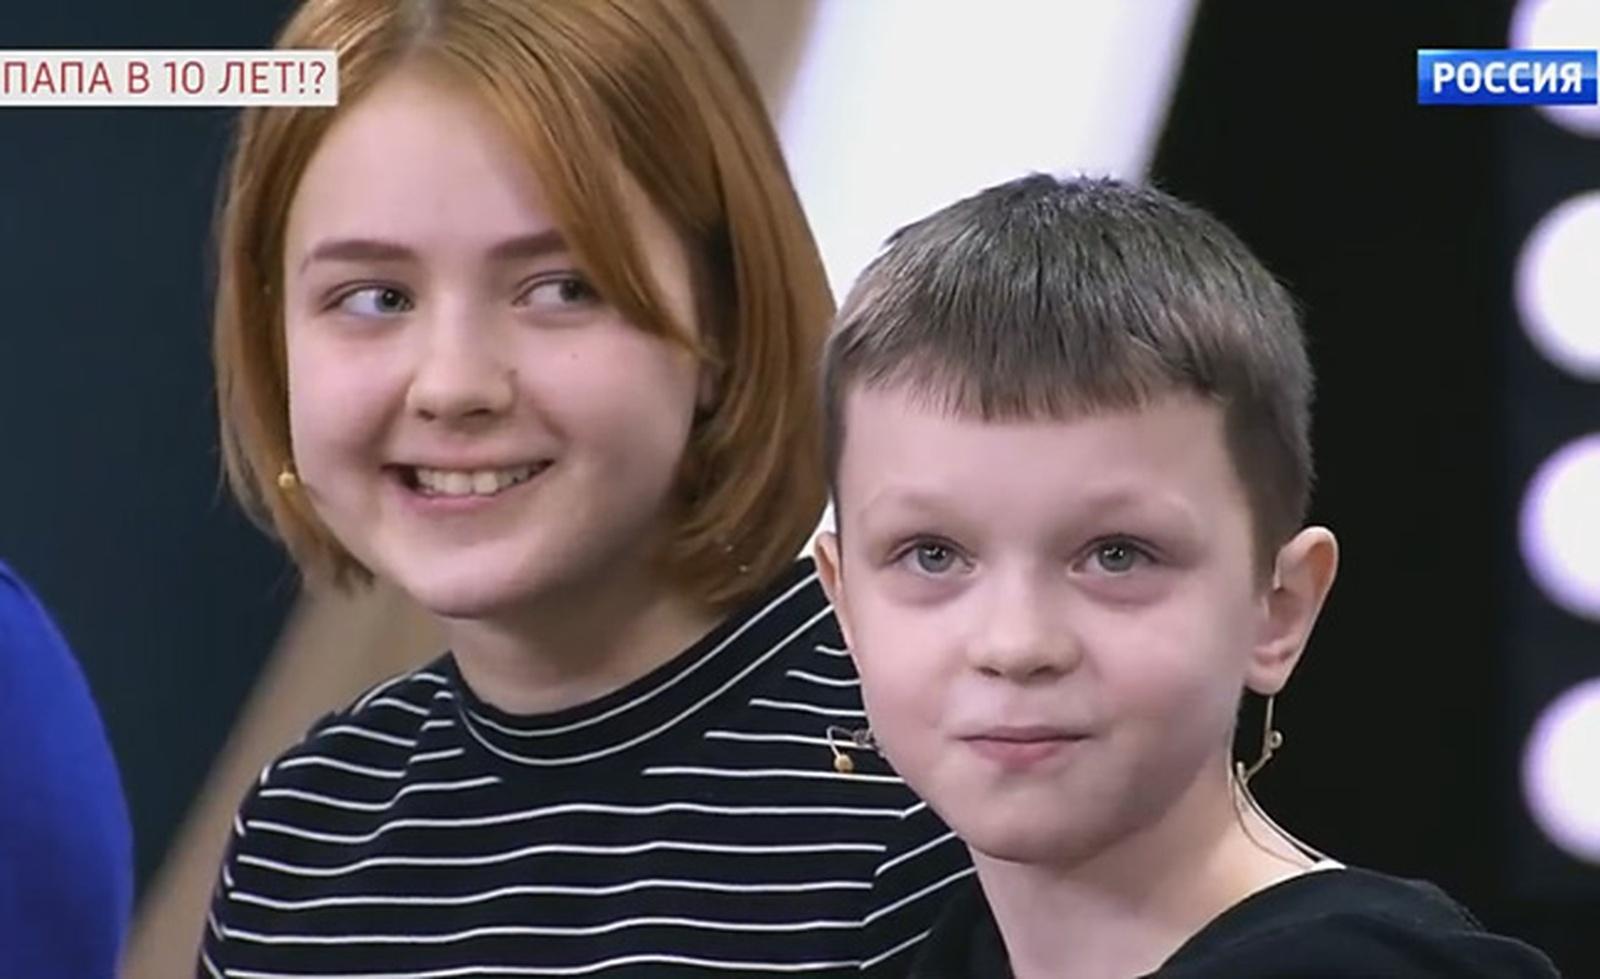 Neįtikėtina: 13-metė pastojo nuo 10-mečio